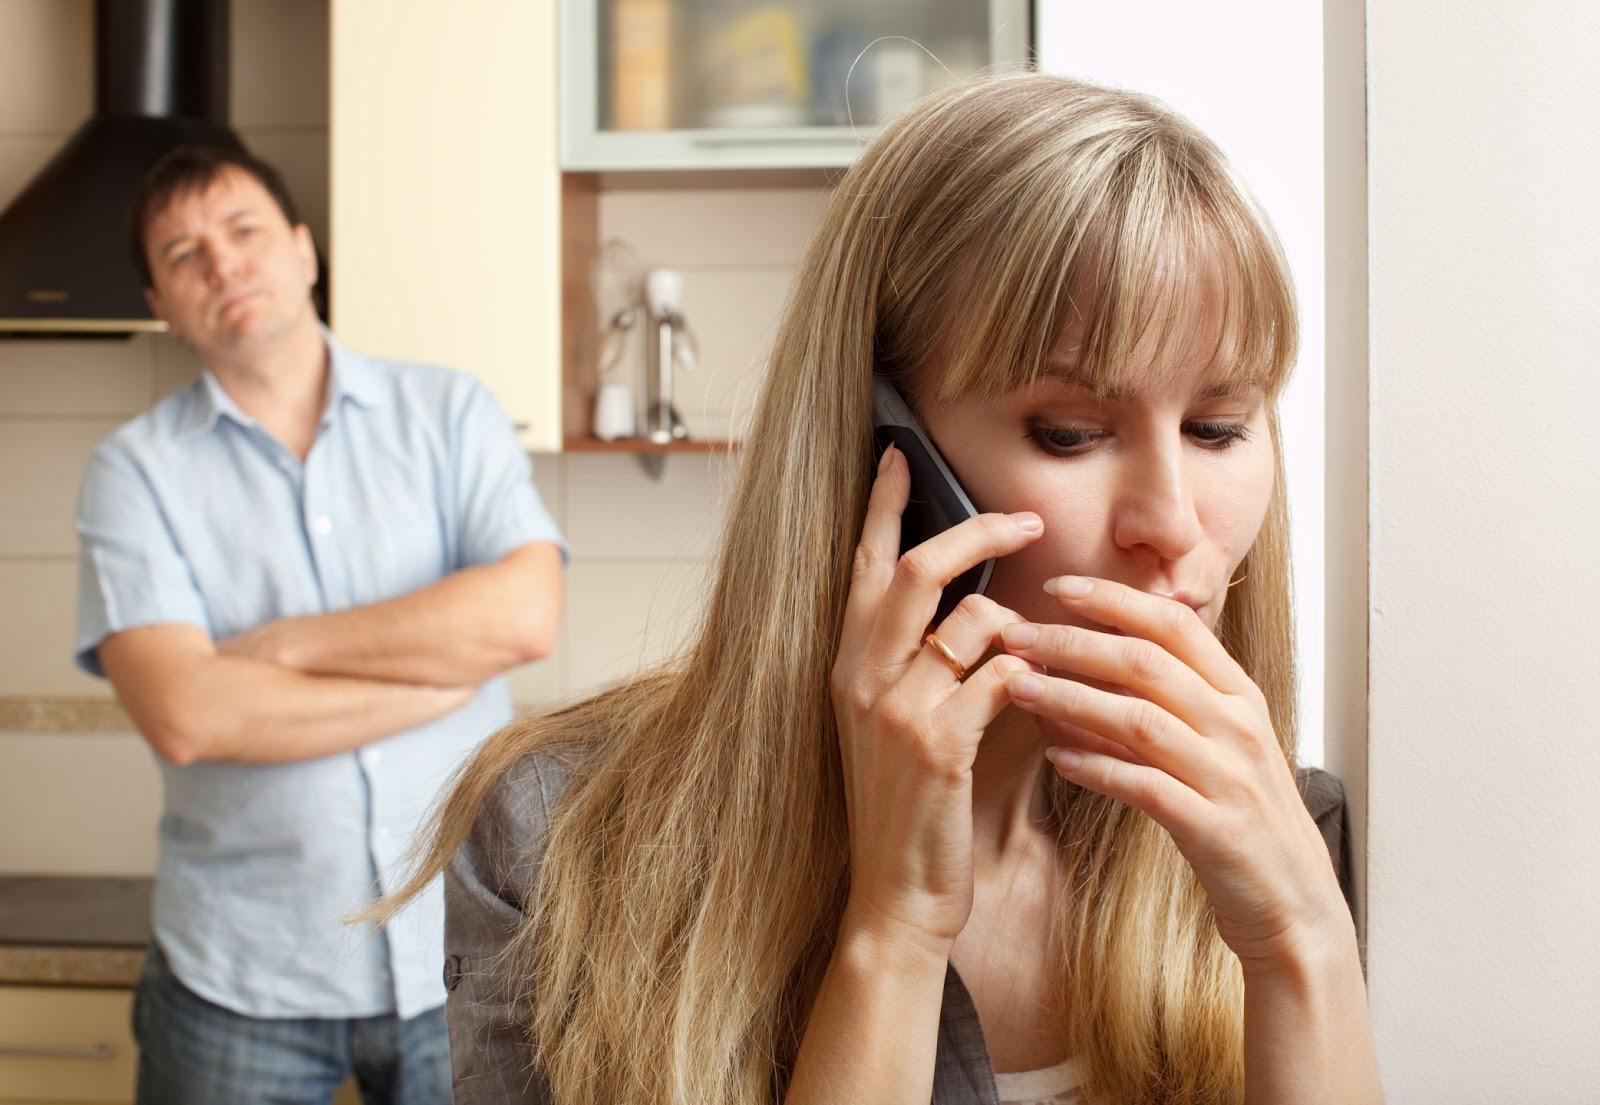 Αντιμέτωποι με την απιστία: Φεύγεις ή μένεις;